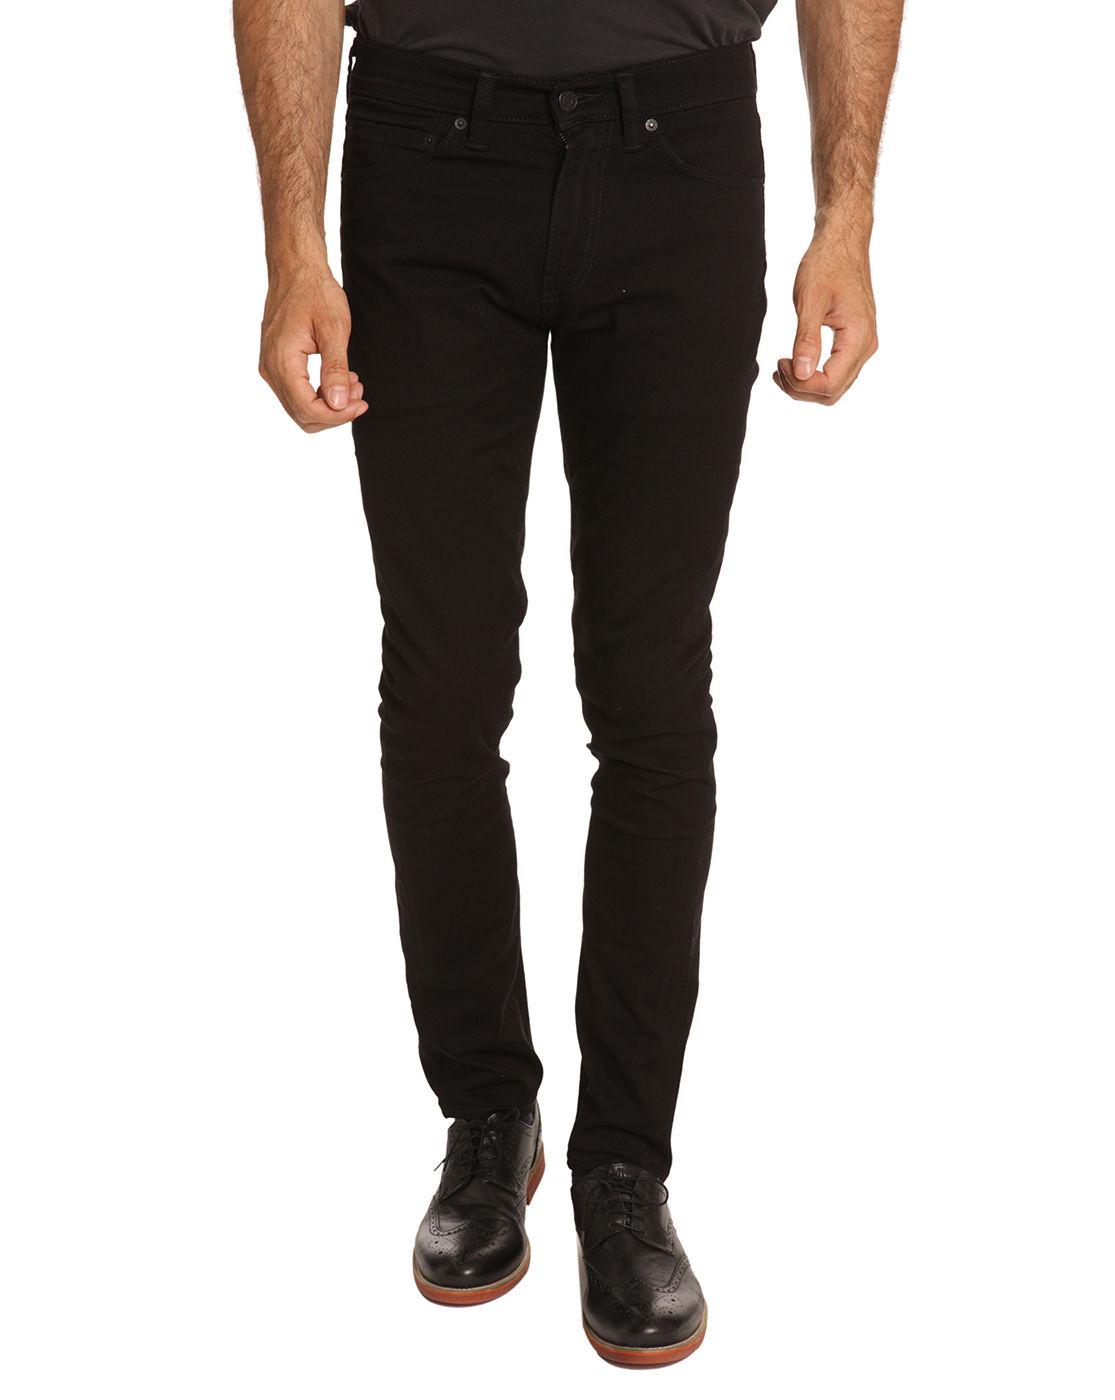 Mens Levi Jeans Cheap